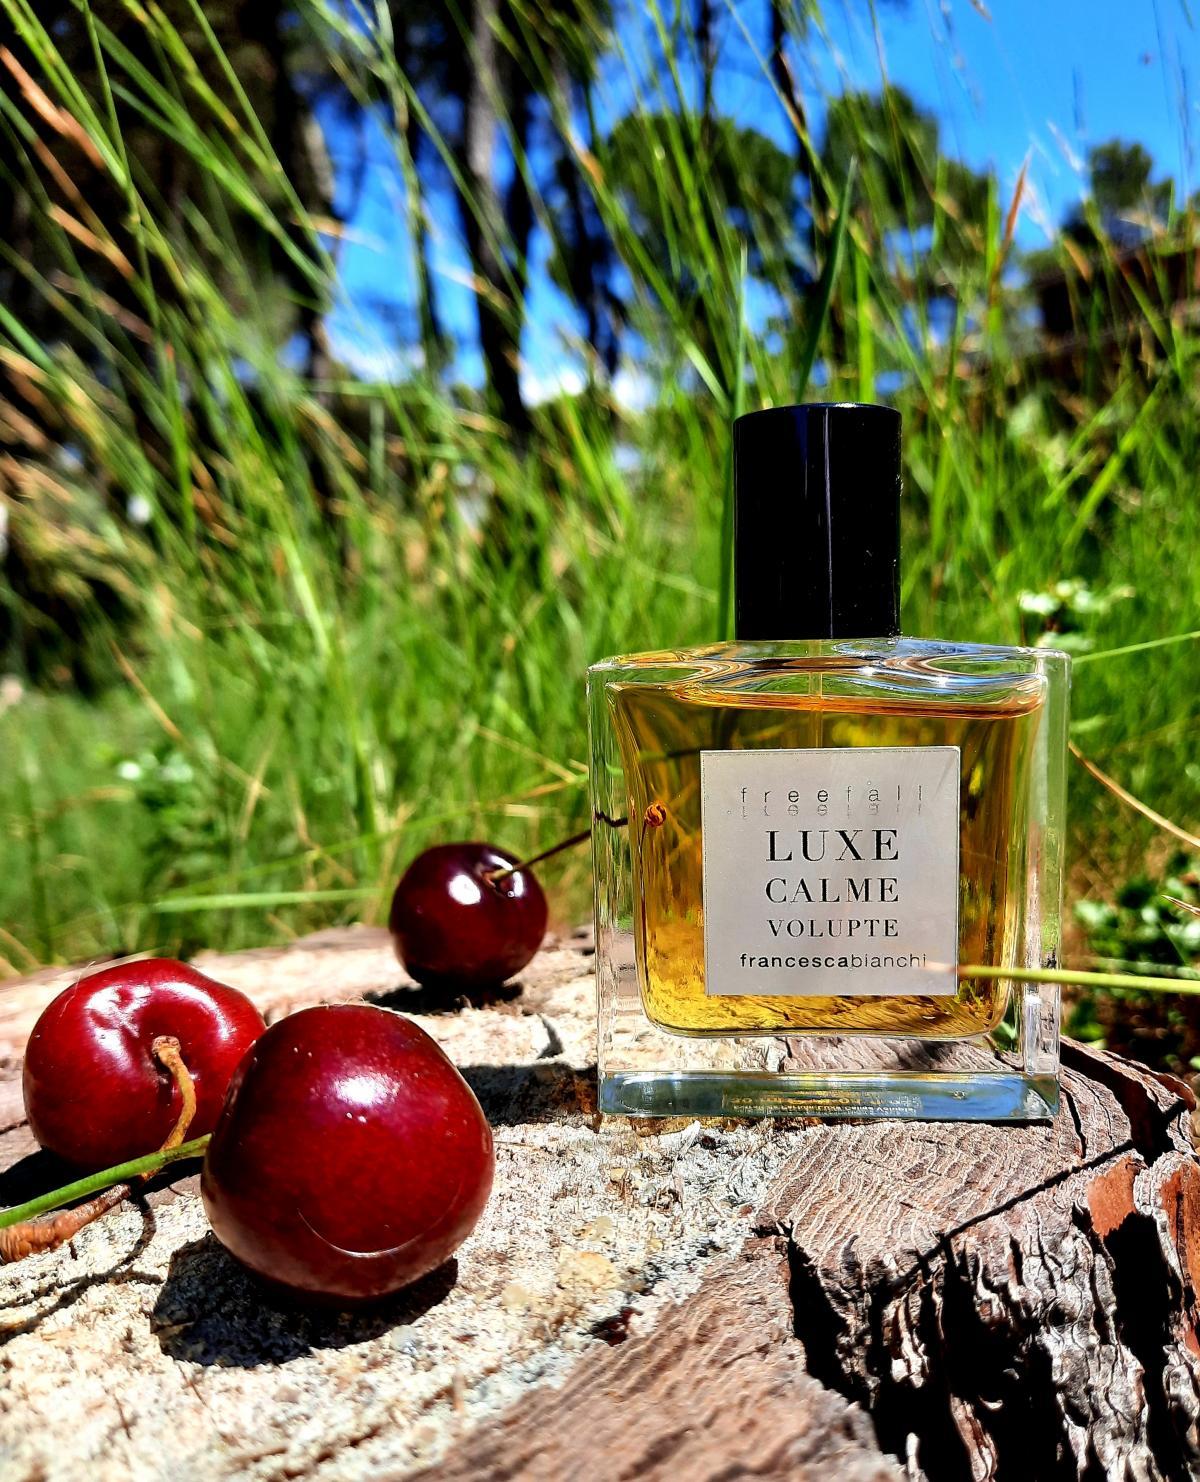 Luxe Calme Volupte Francesca Bianchi - una novità fragranza unisex 2021